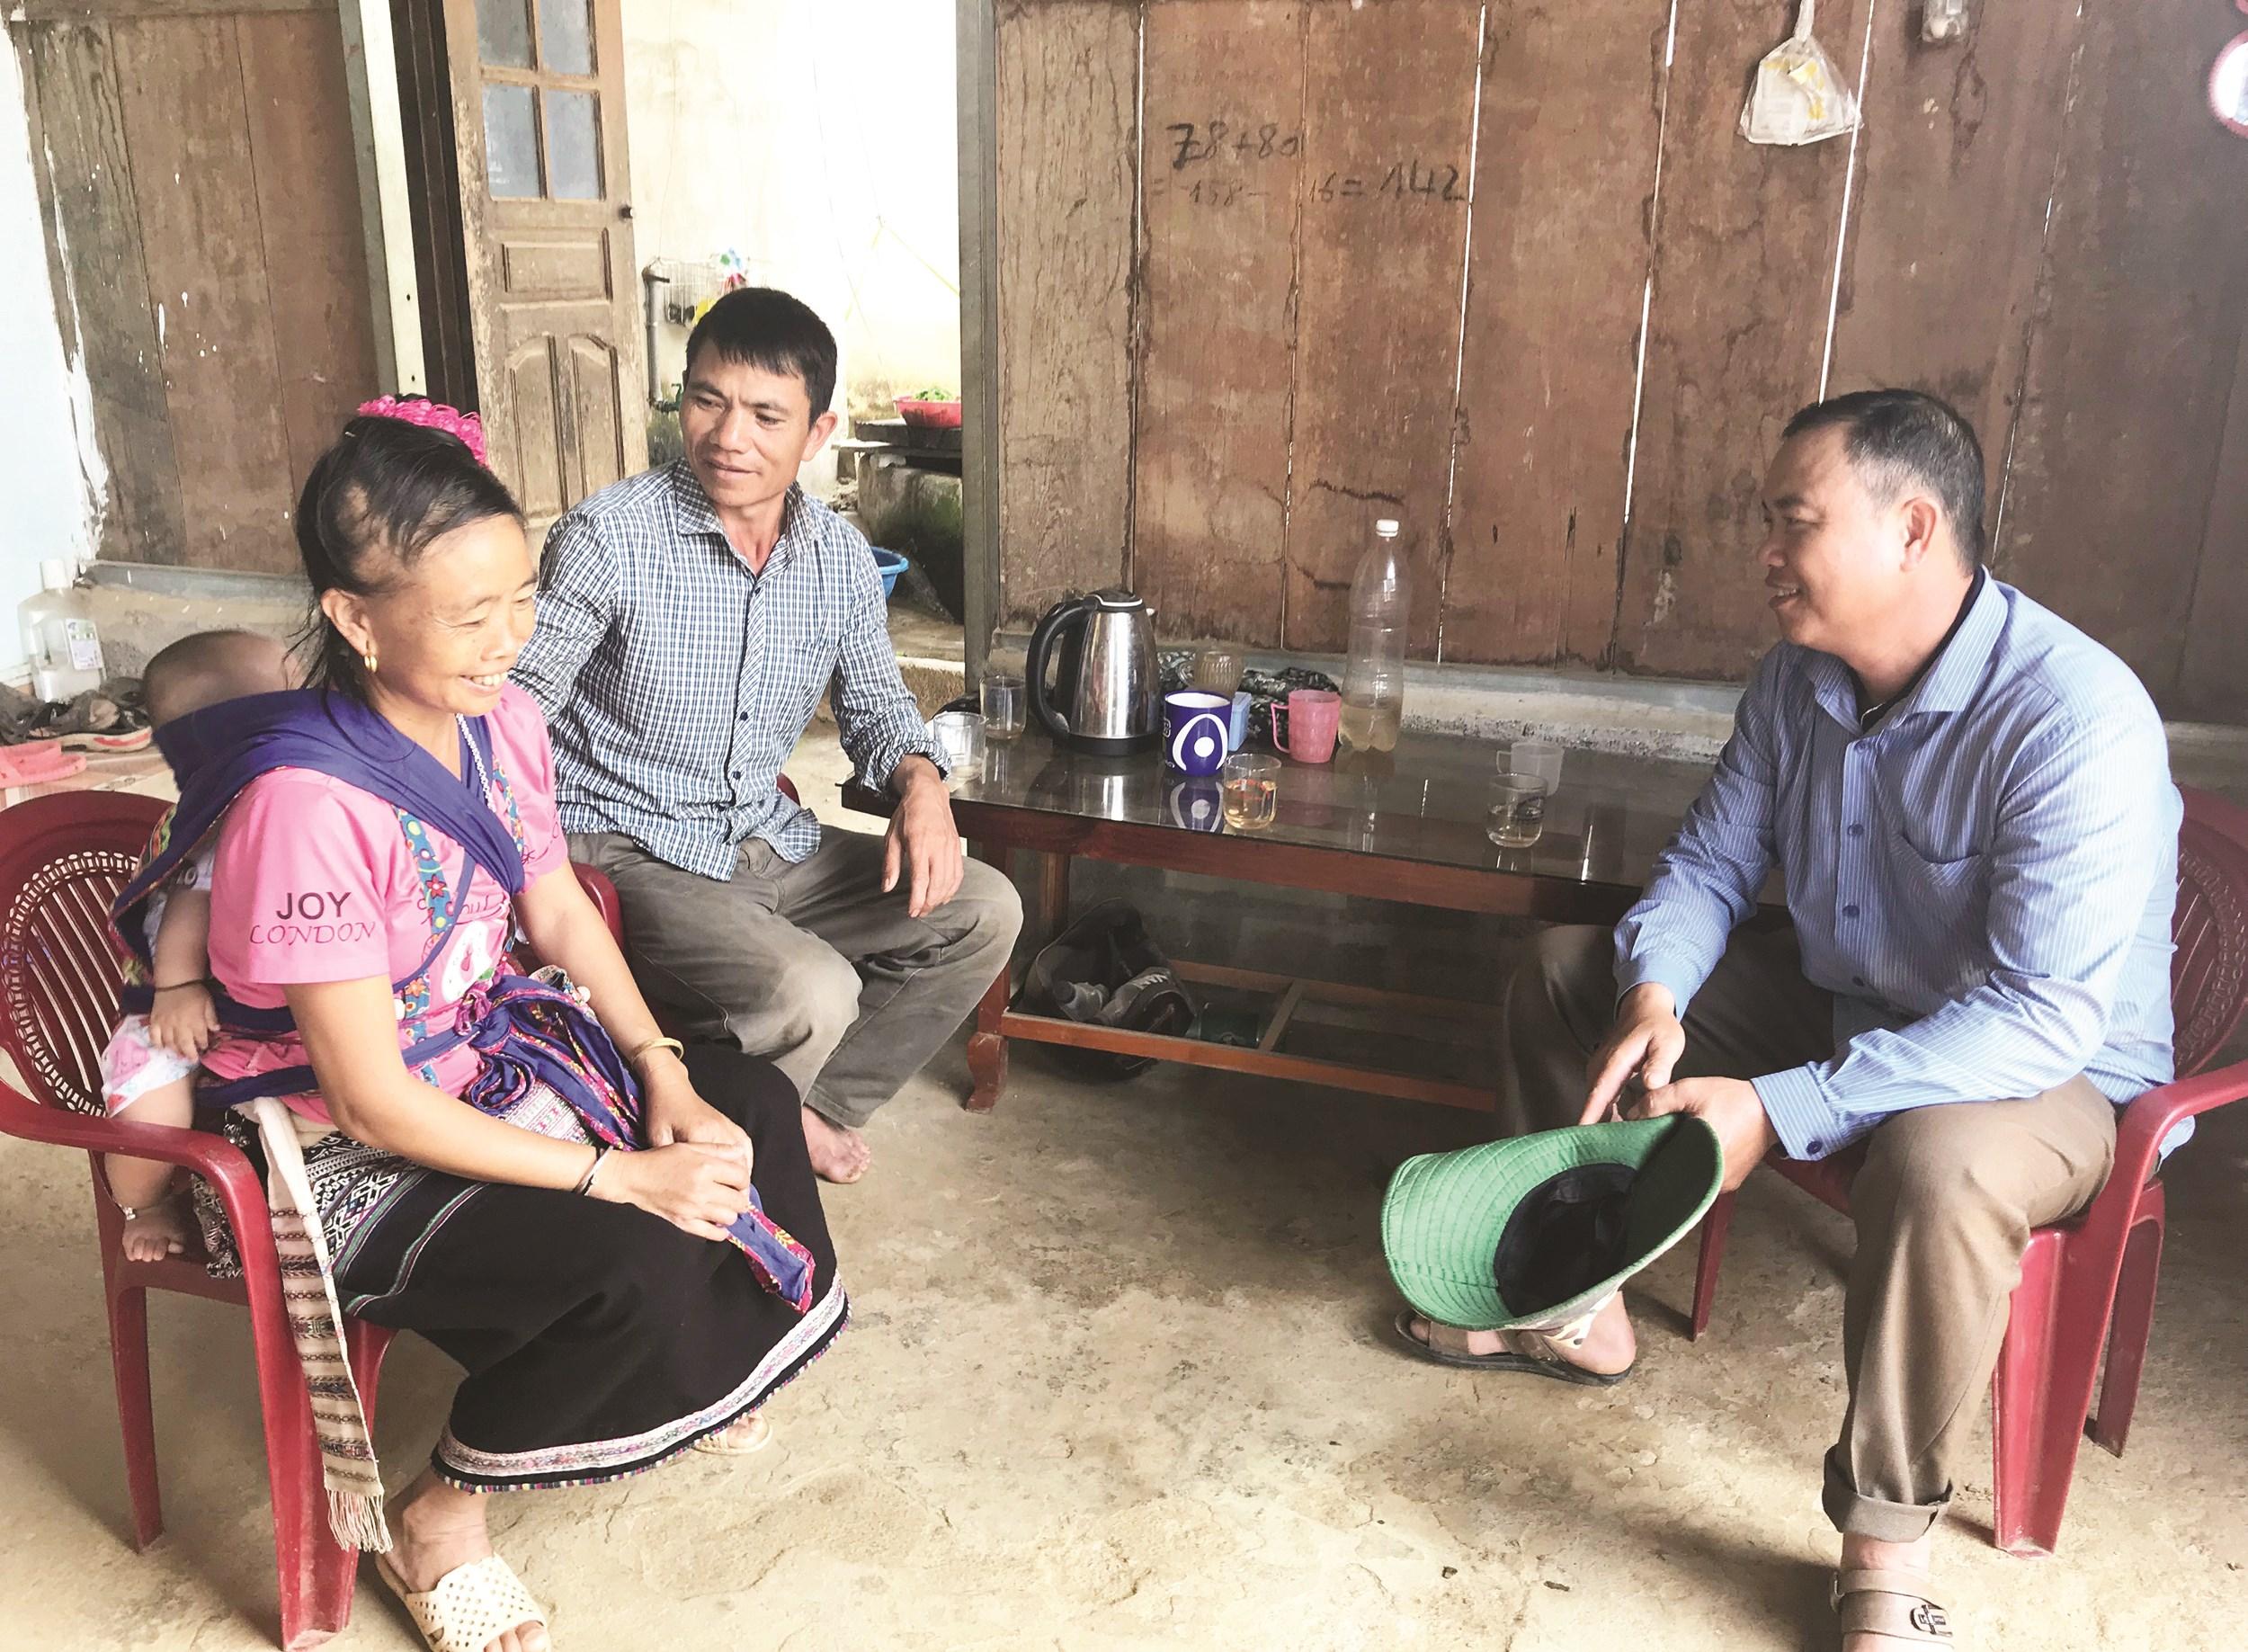 Trưởng bản Hoàng Văn Sòi trao đổi với người dân về việc quan tâm giáo dục con cái.